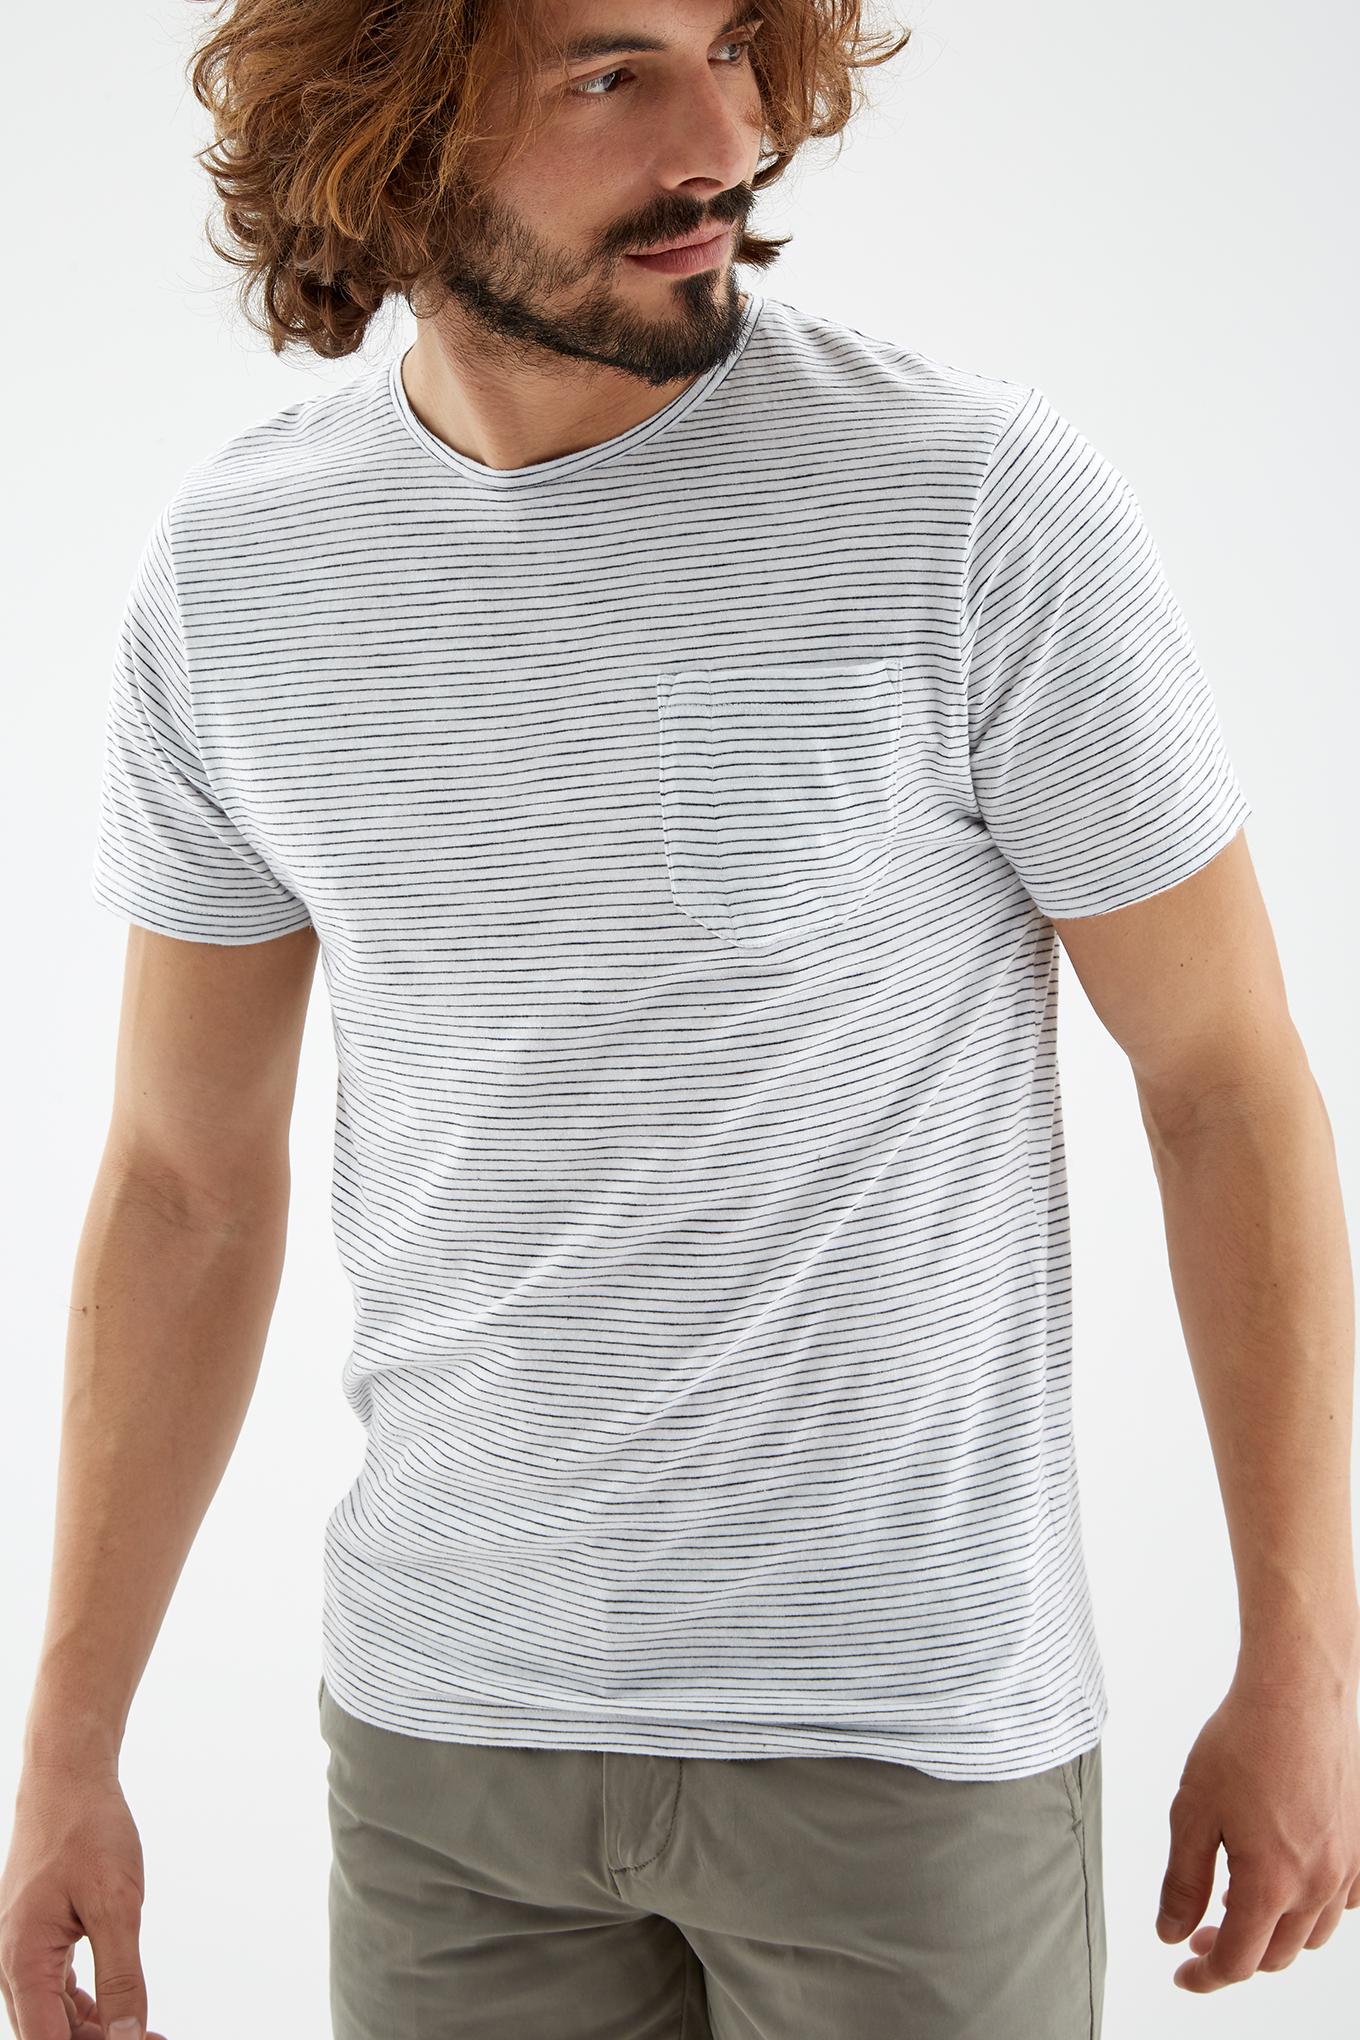 T-Shirt Dark Blue Sport Man